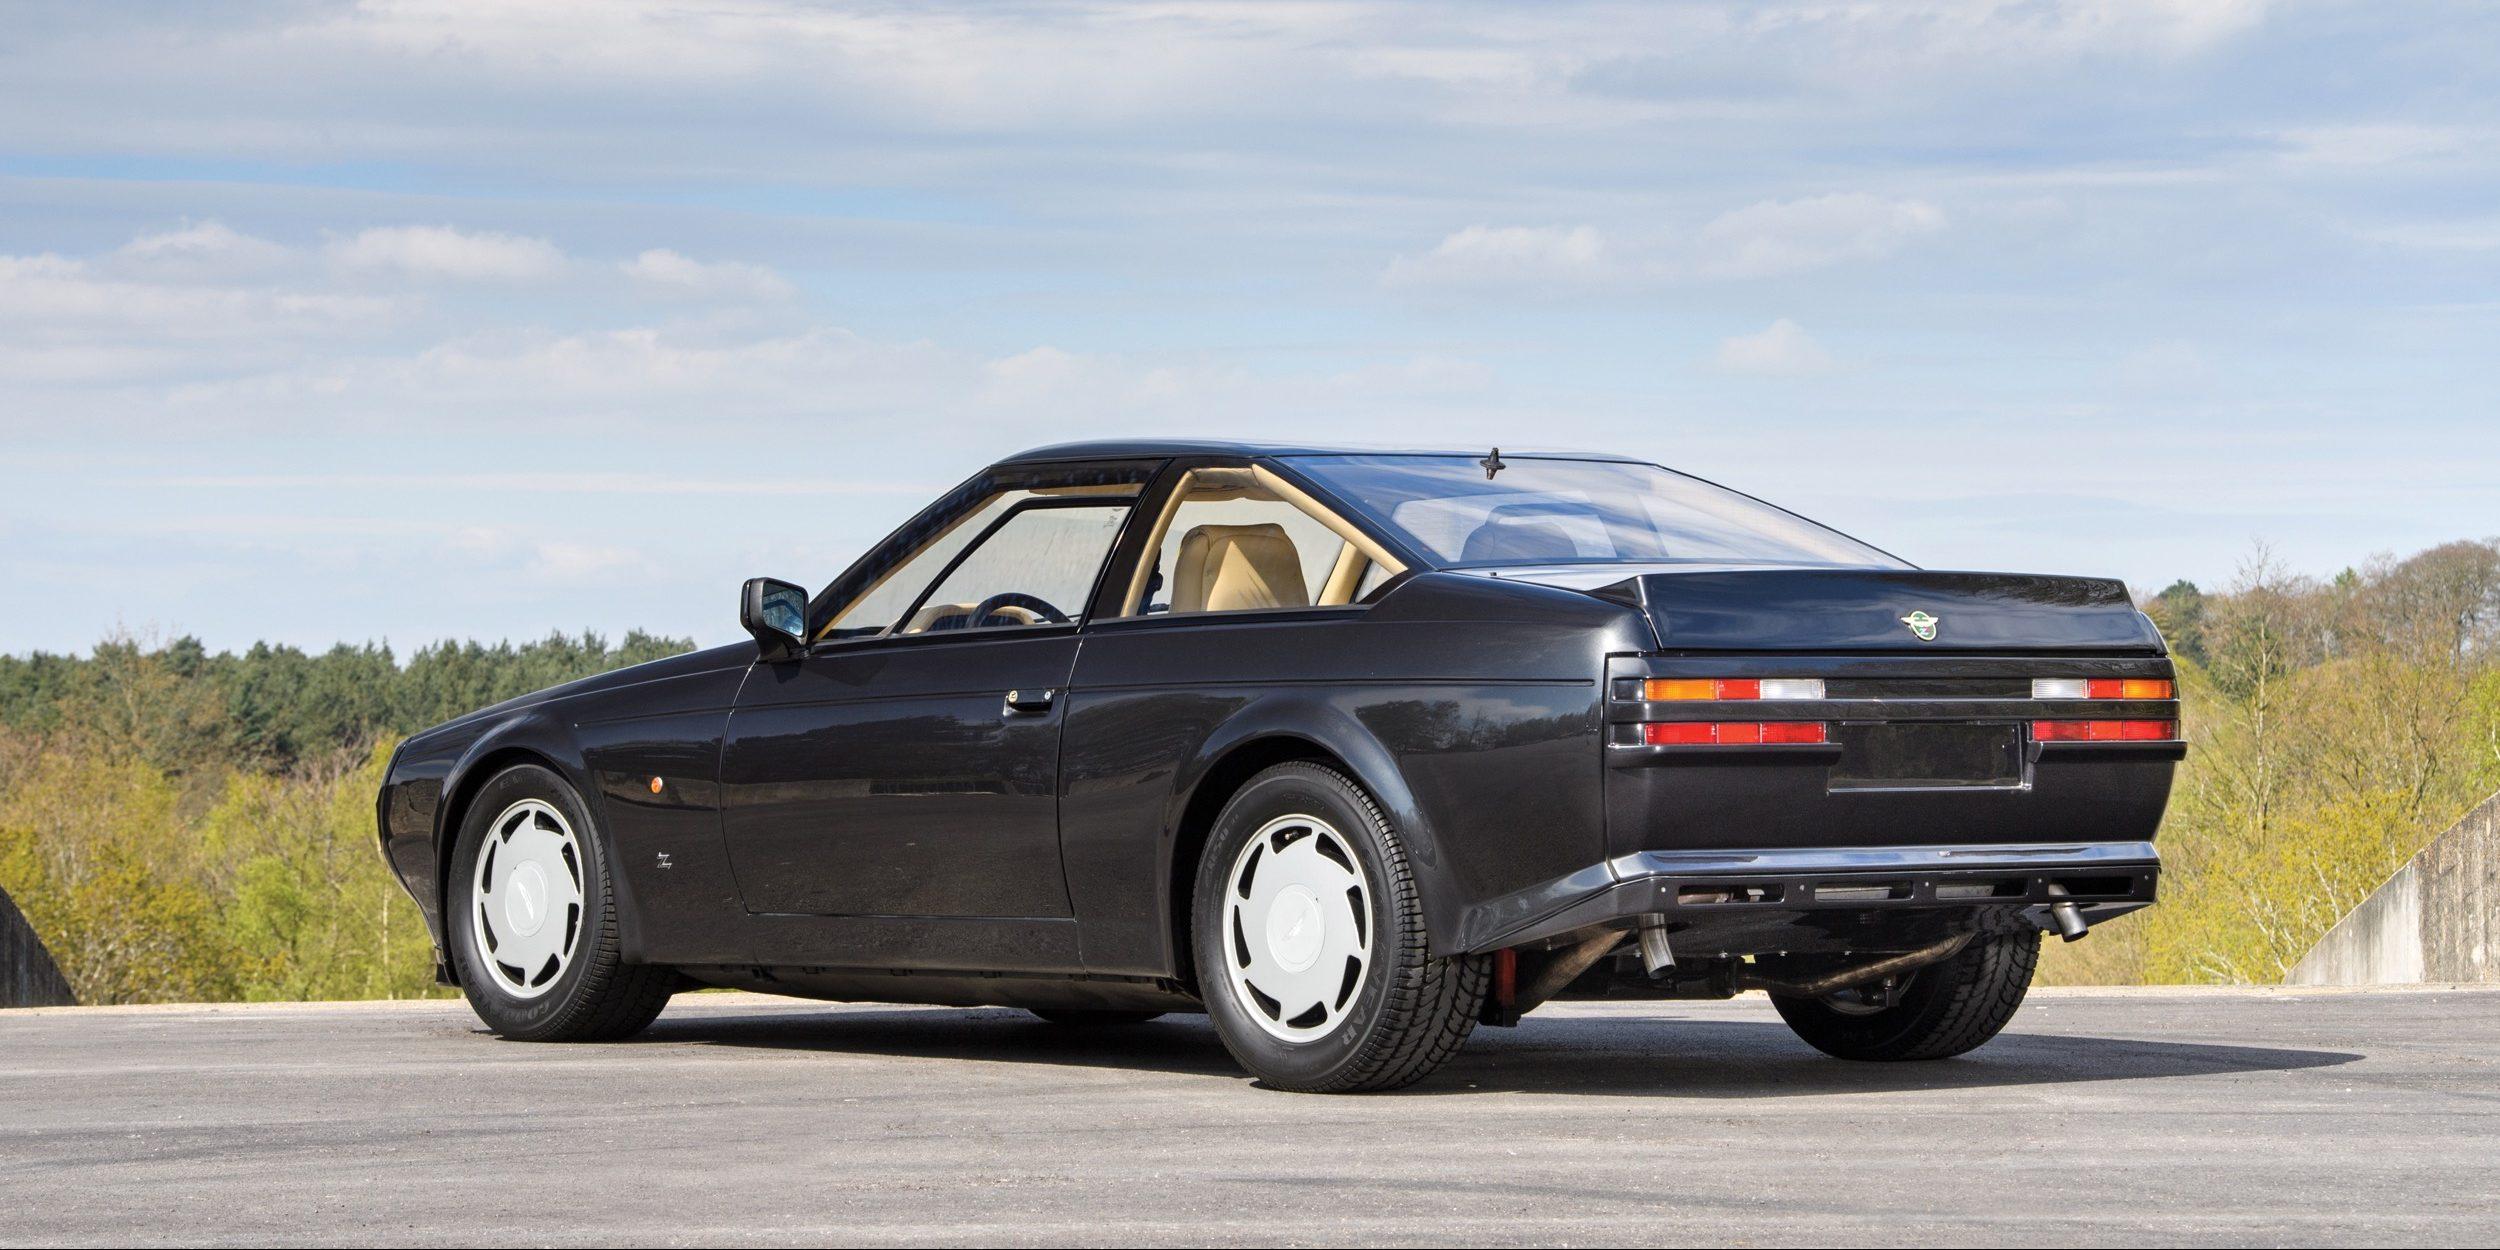 Aston Martin V8 Vantage Zagato Radicalmag